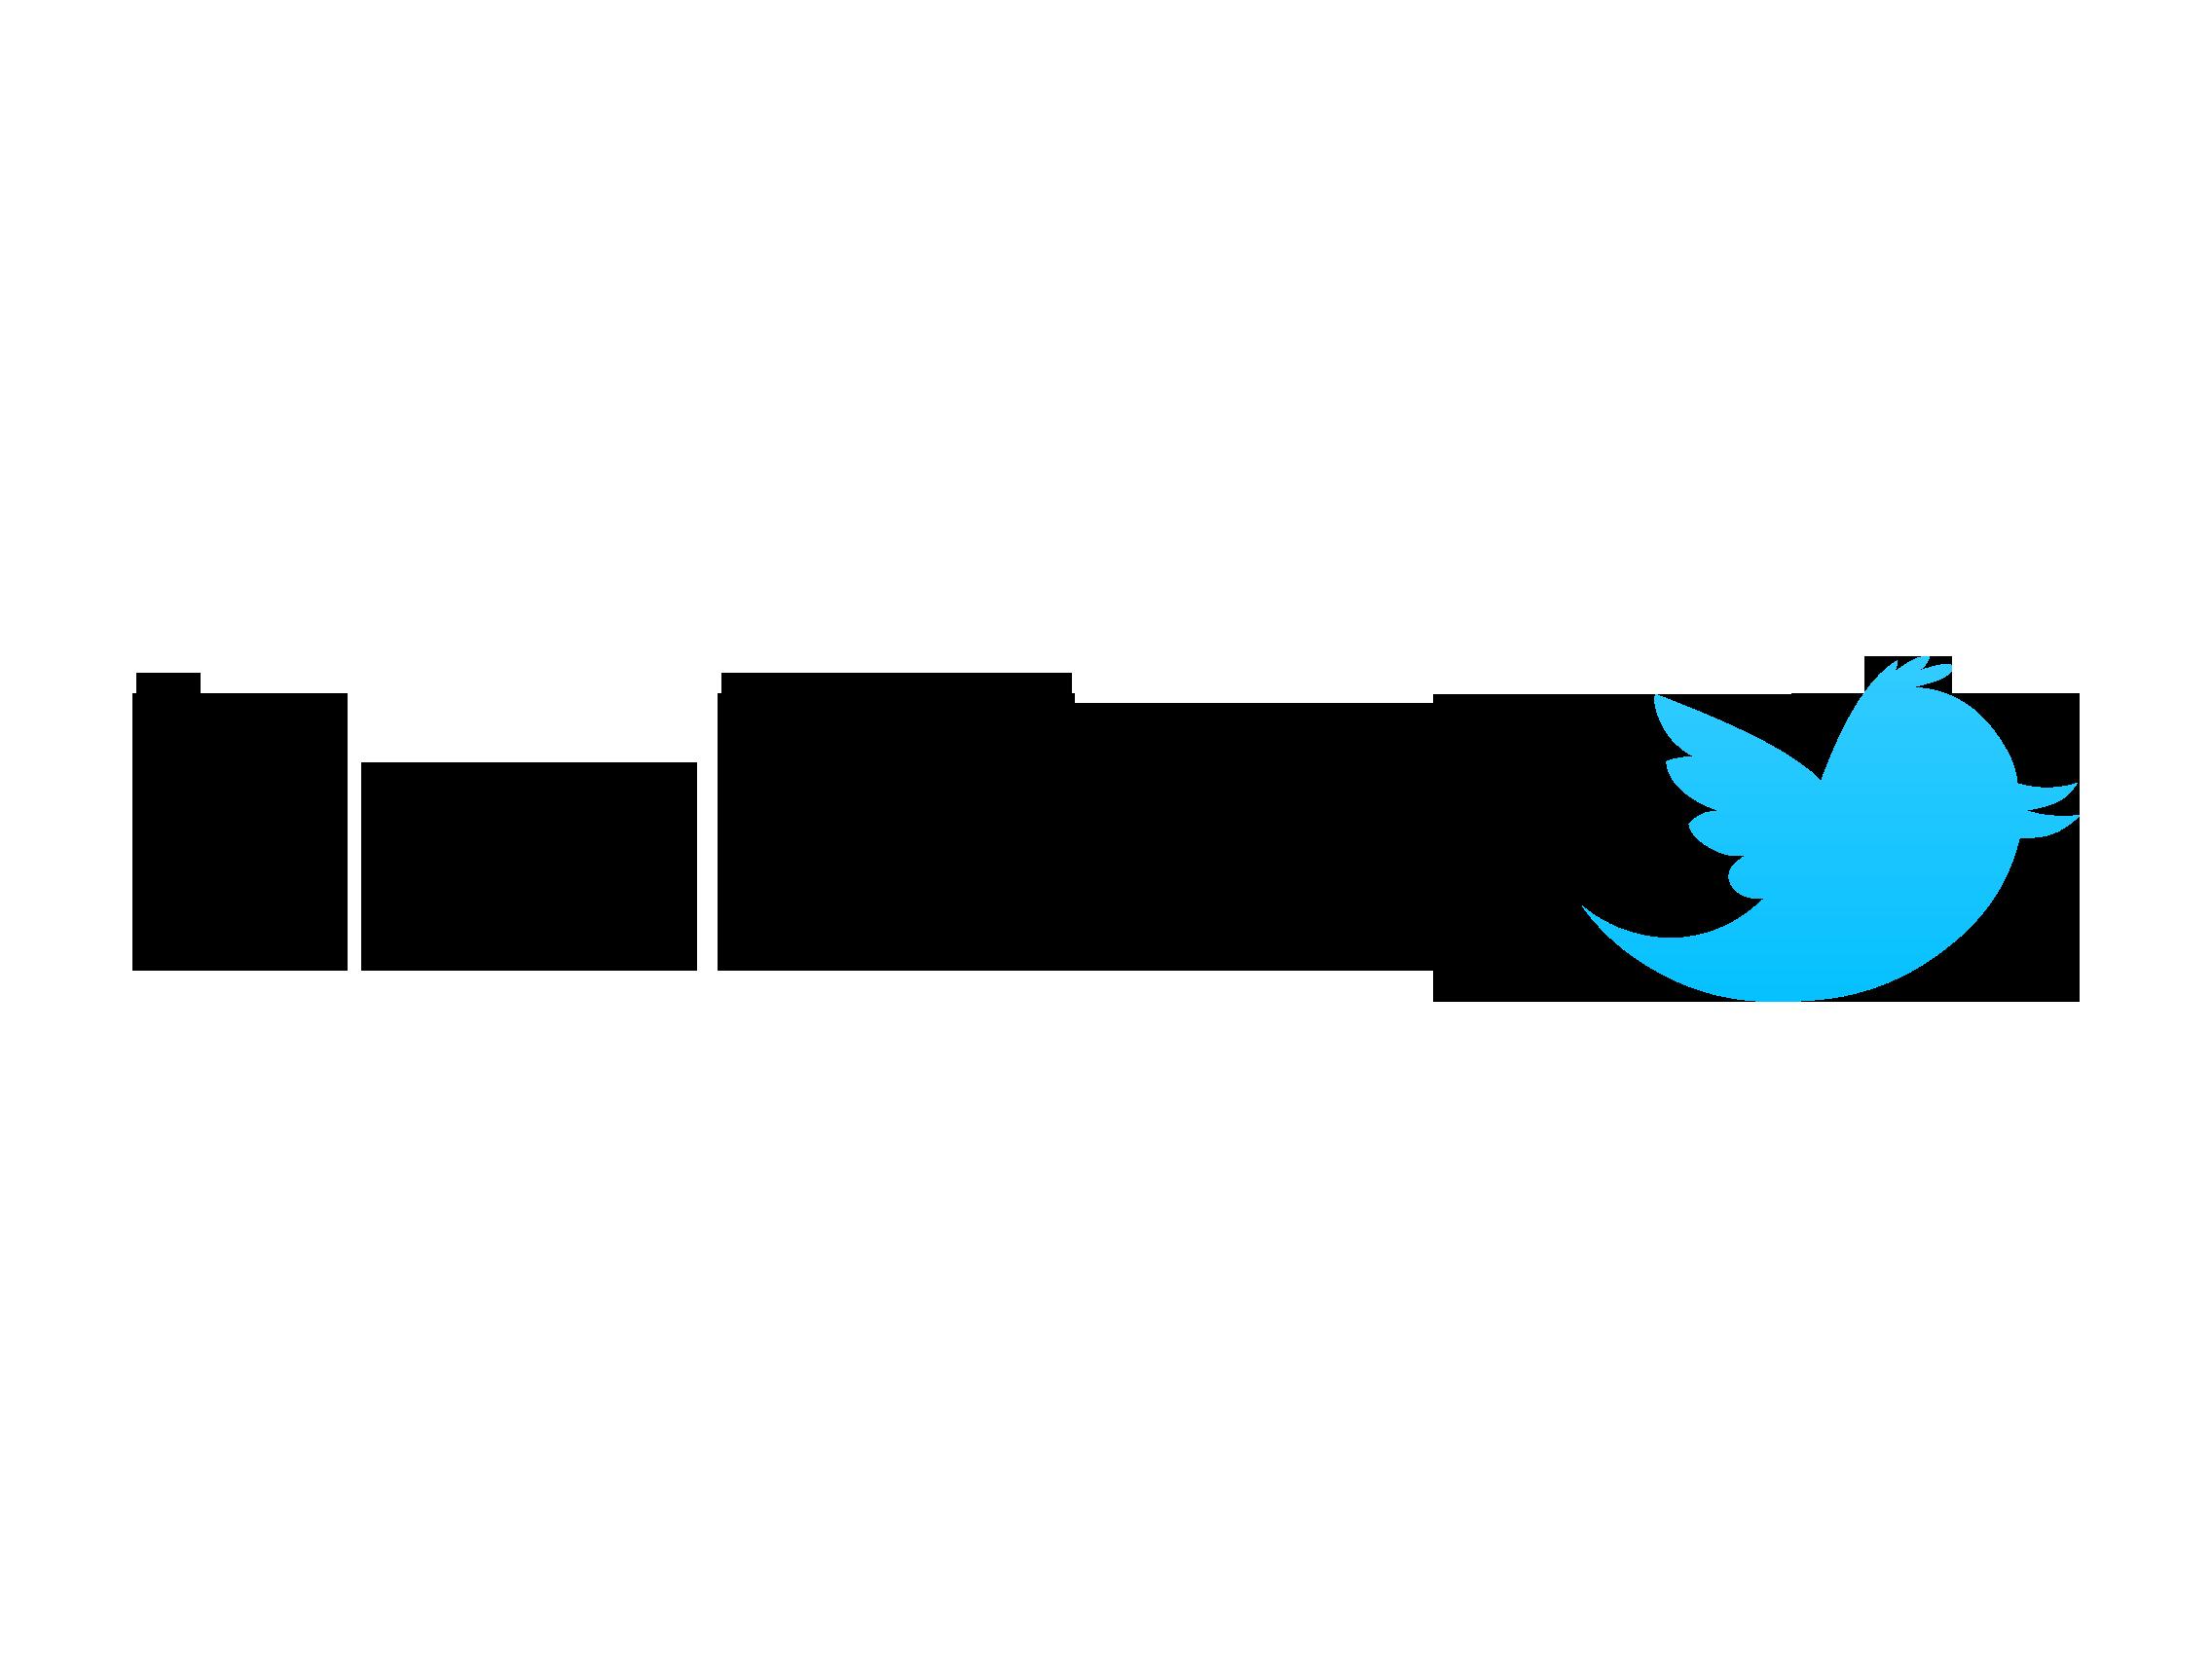 Logo logok. Twitter logos png